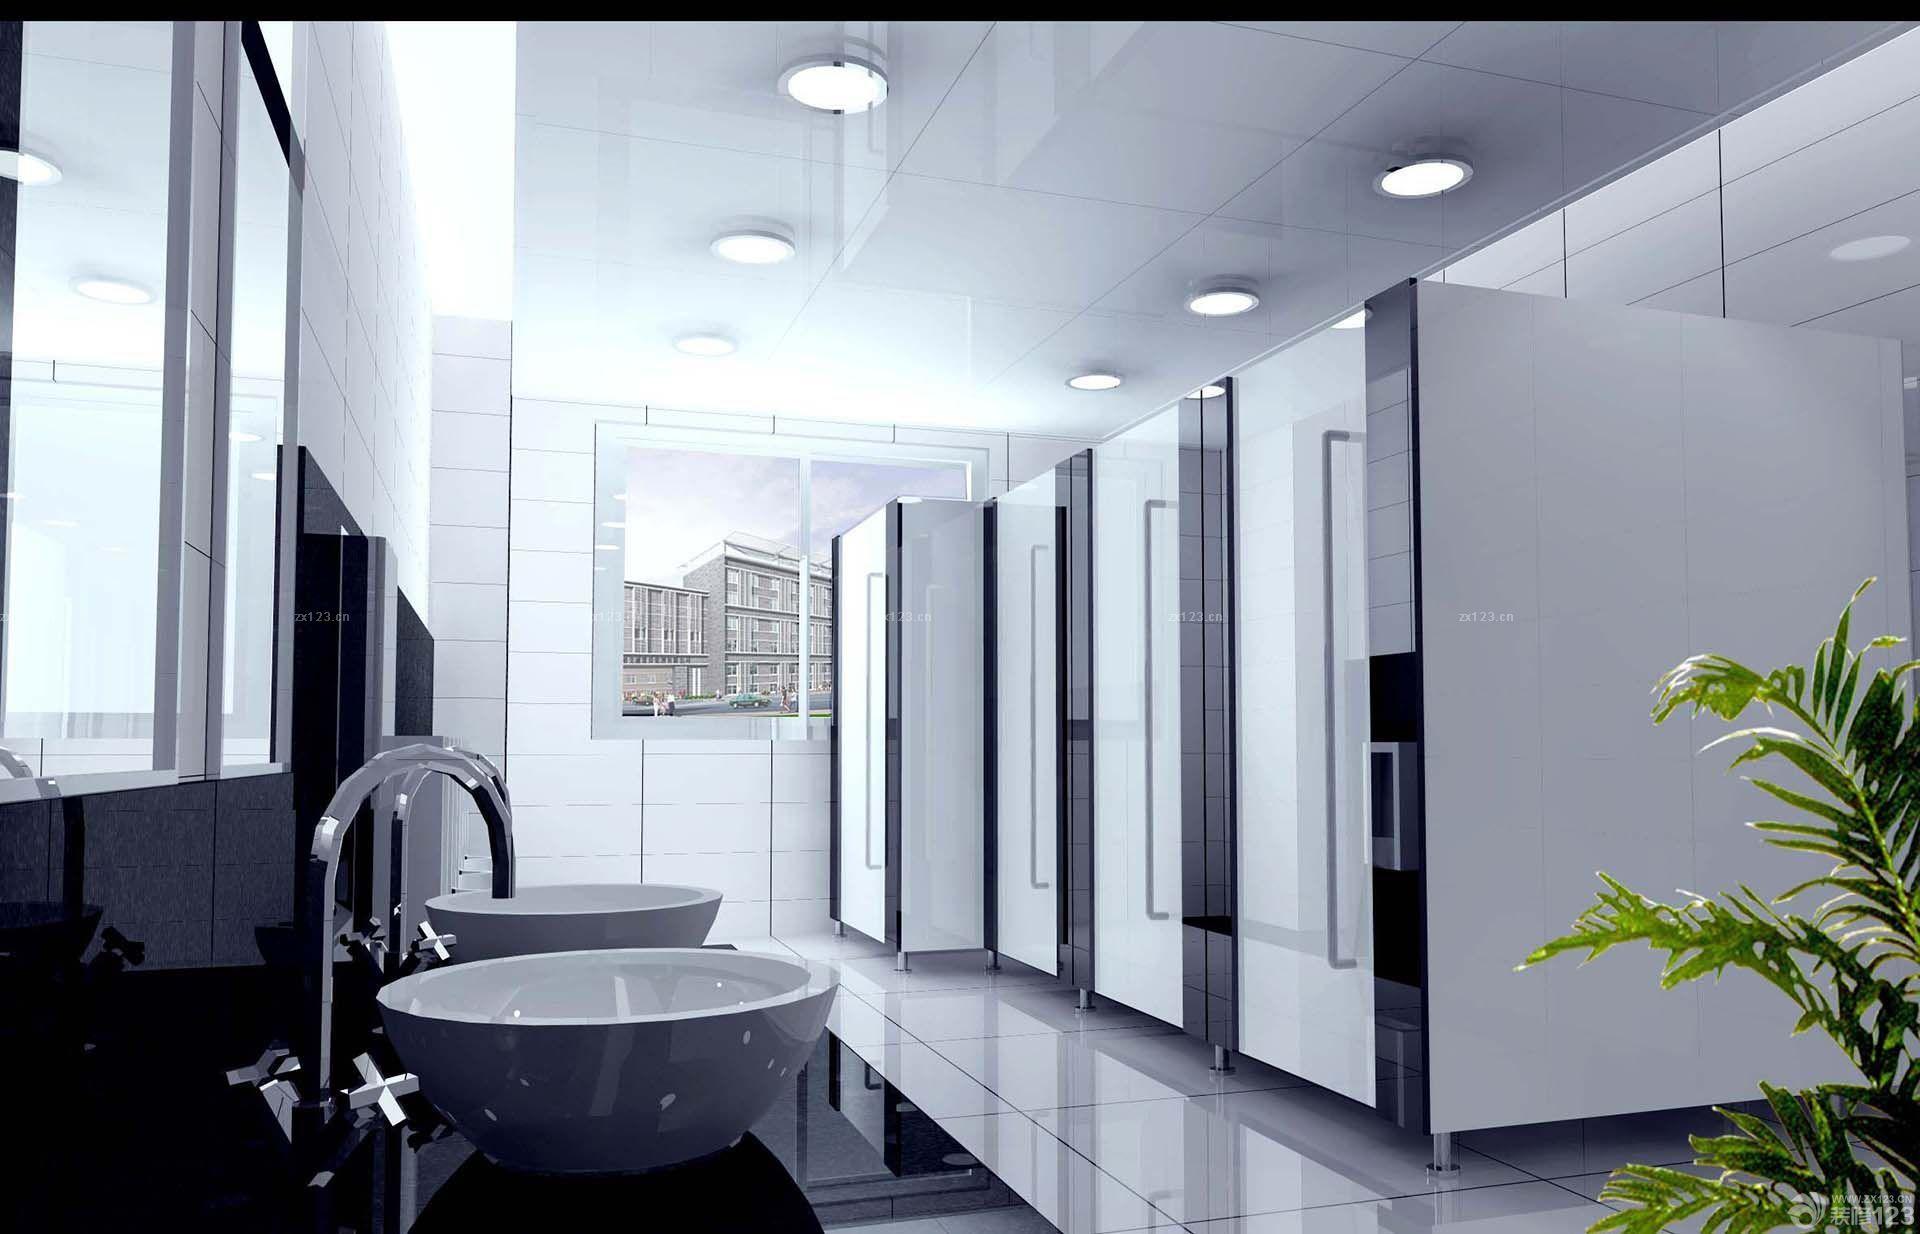 厕所 家居 设计 卫生间 卫生间装修 装修 1920_1234